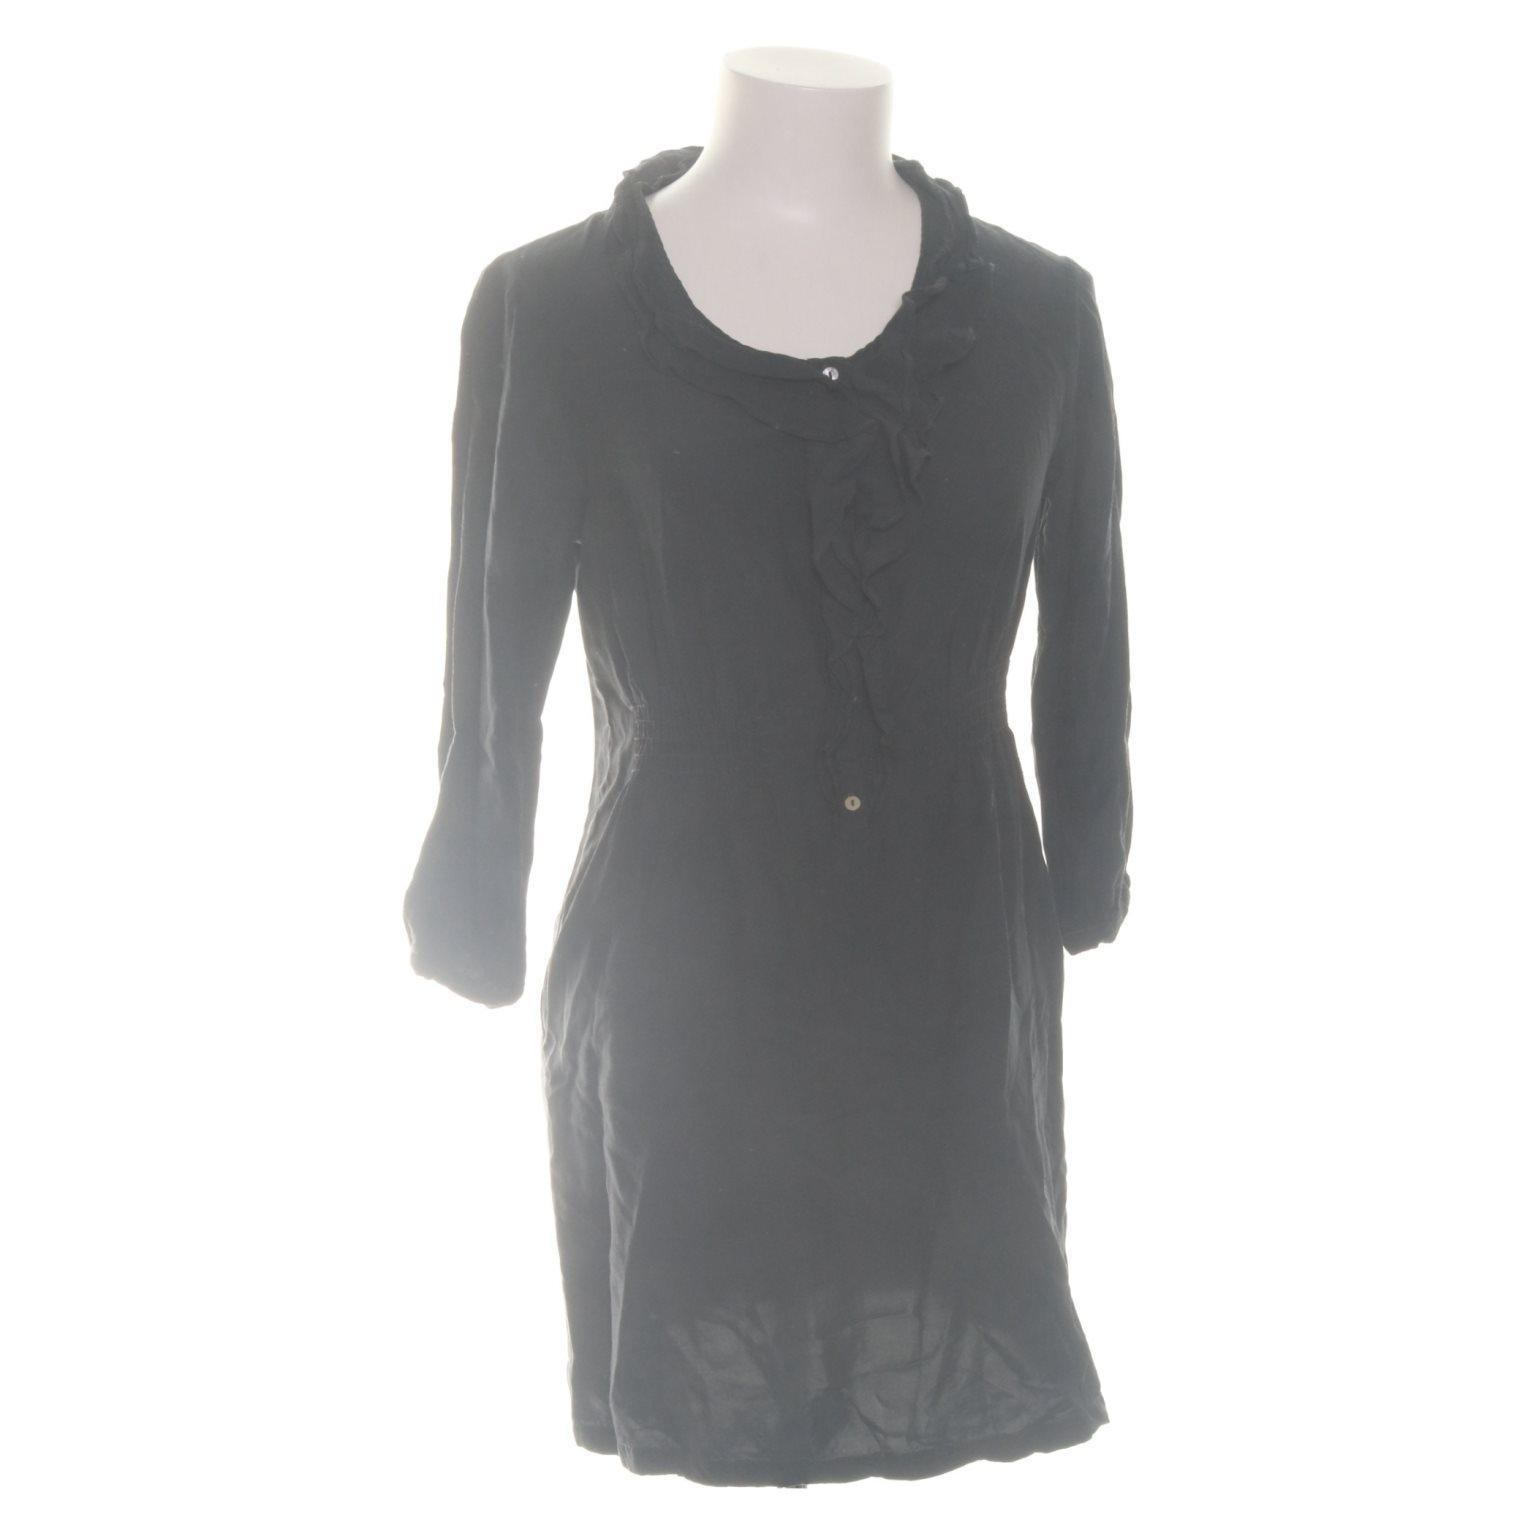 Zara Woman 4faa80e9c3e74